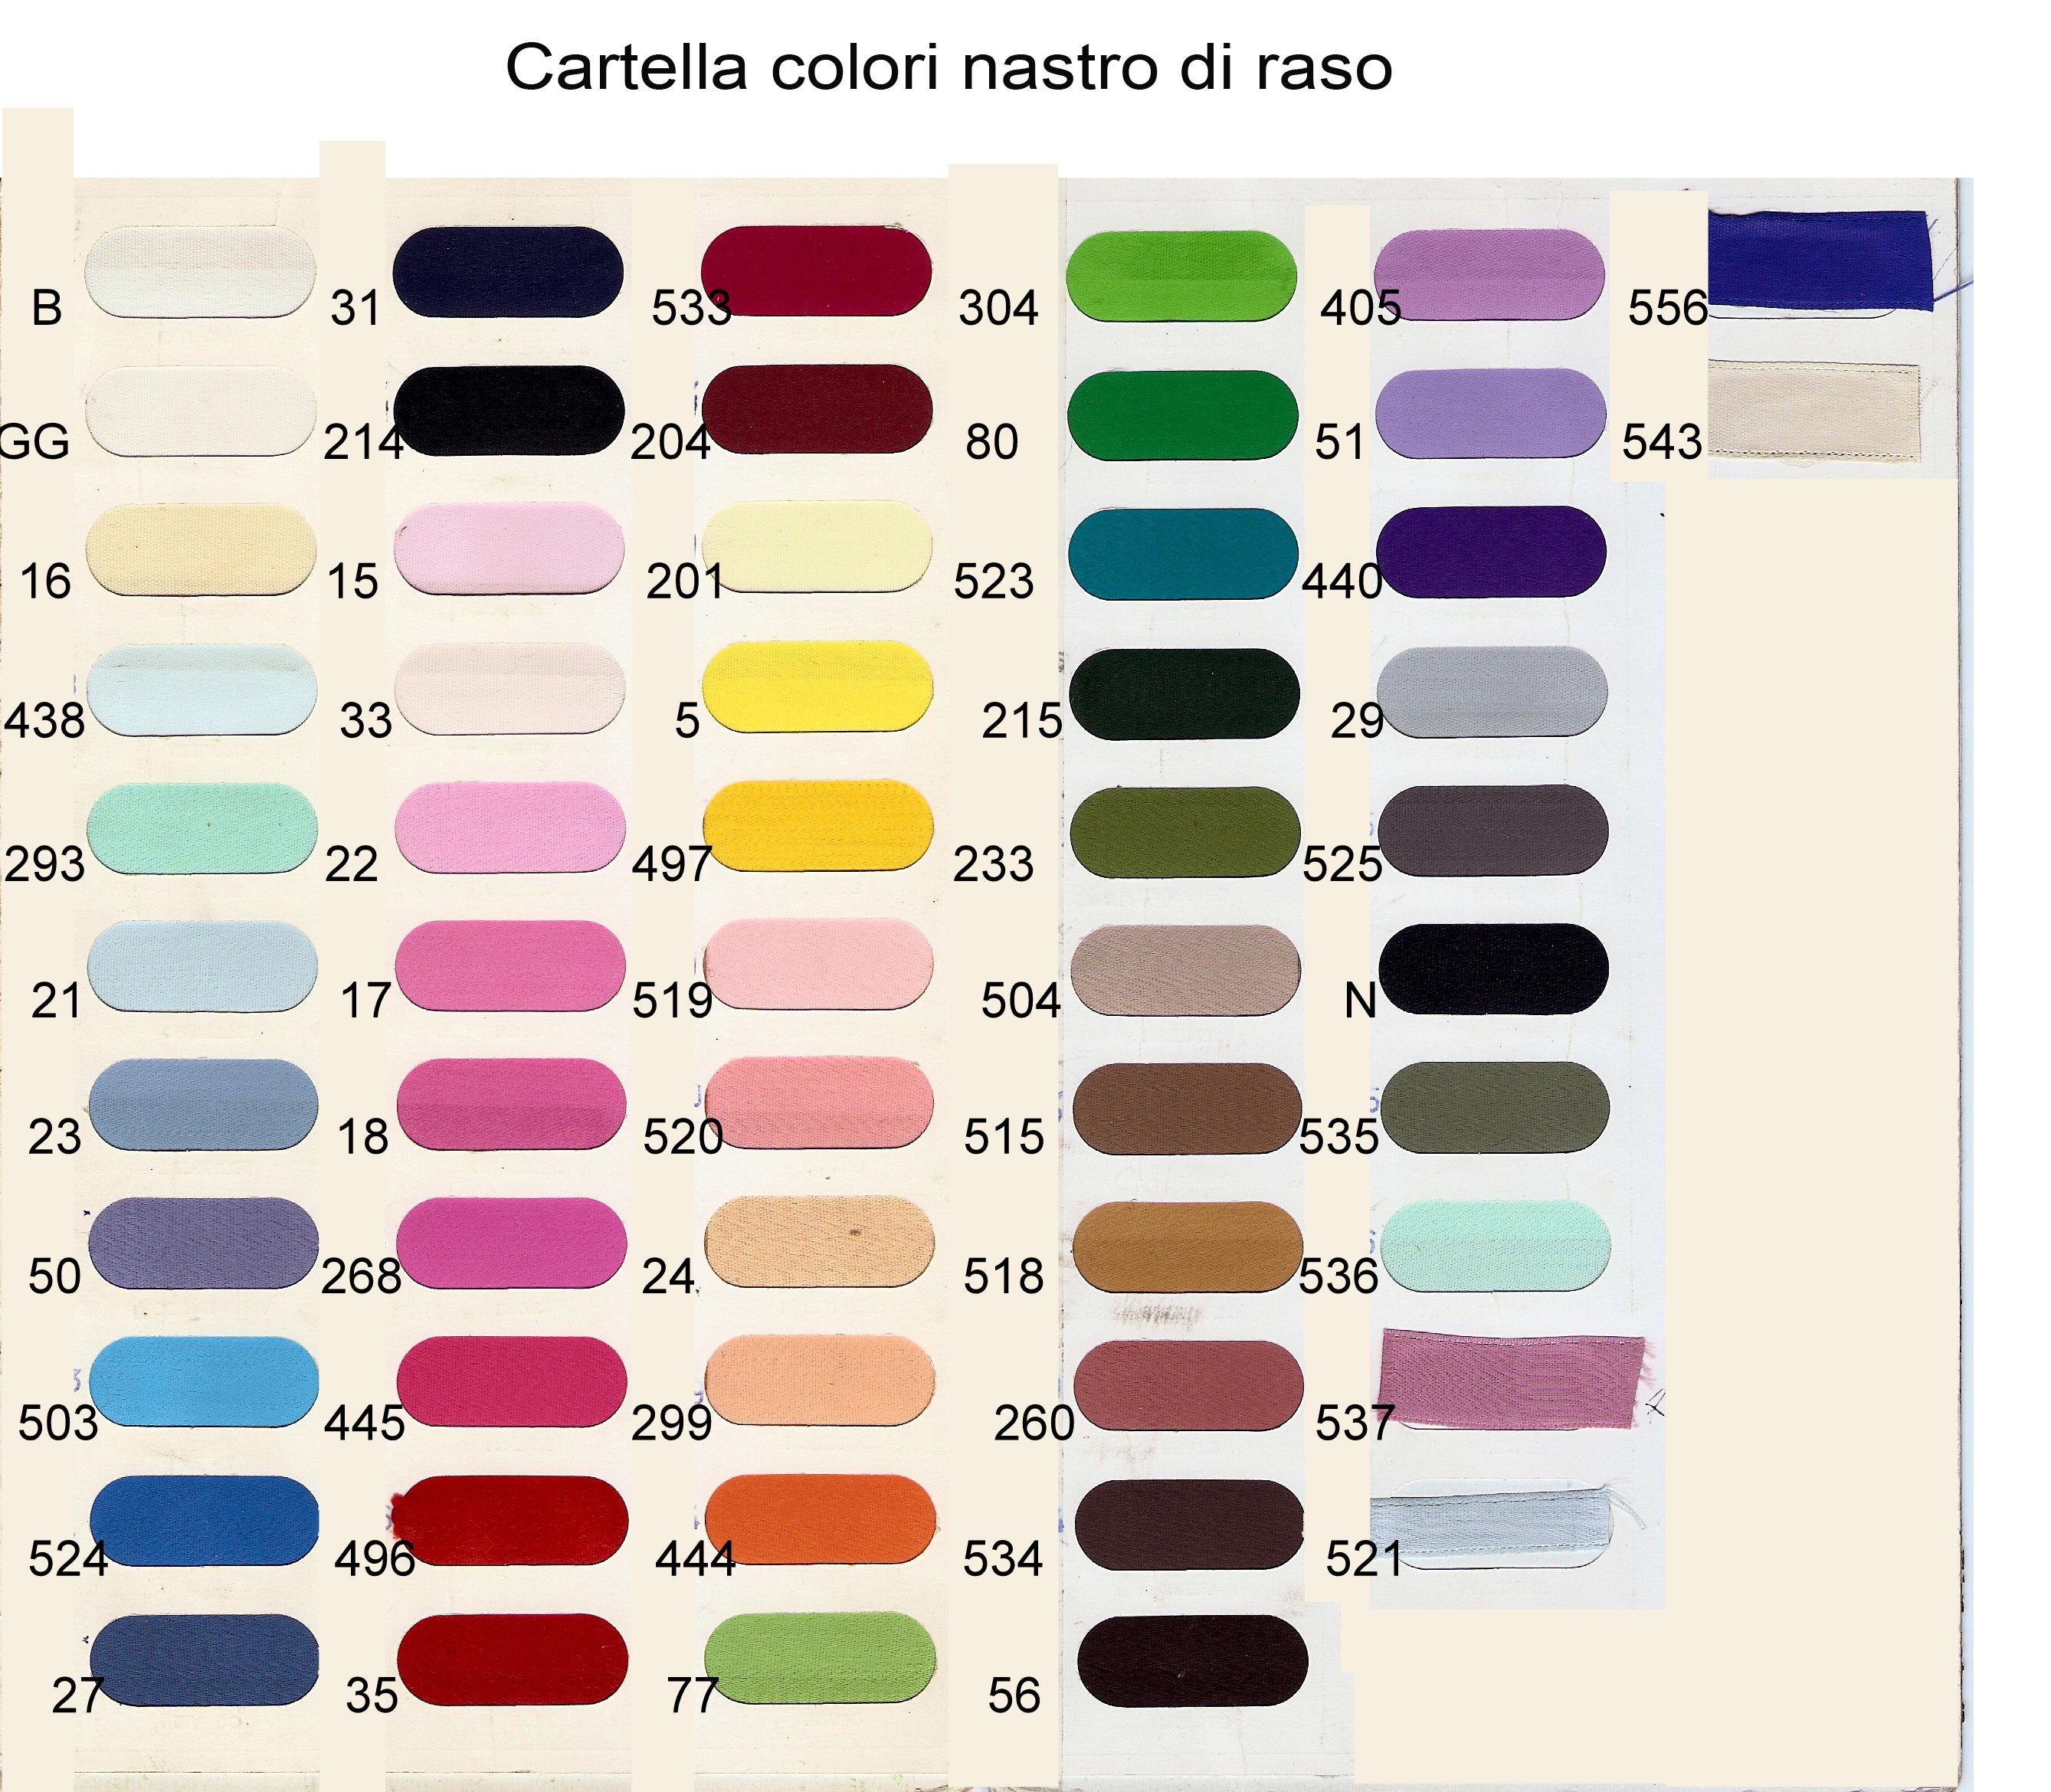 Nastro di raso 100 viscosa merceria cheri rimini for Ottanio colore wikipedia